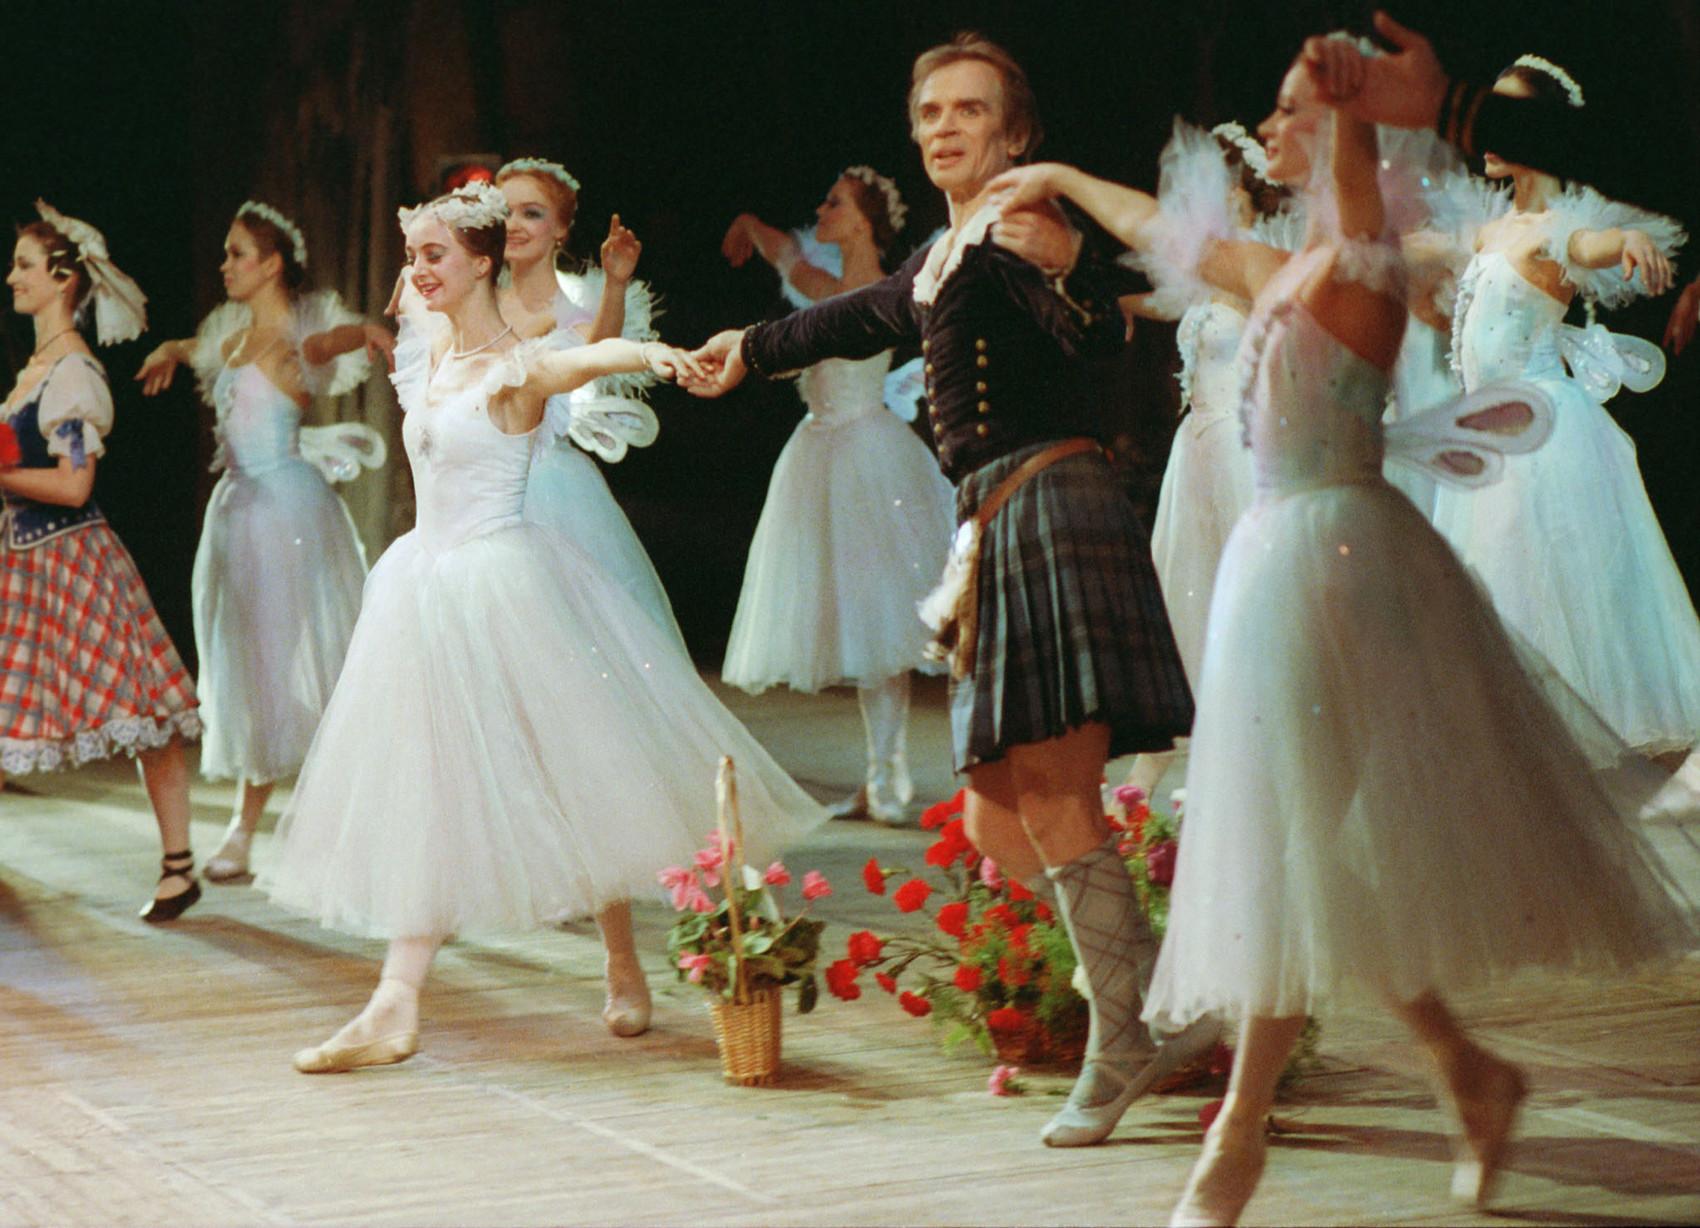 Nach 30 Jahren nach der Flucht kehrte Nurejew nach Leningrad zurück, um im Kirow-Theater für Oper und Ballett wieder aufzutreten.